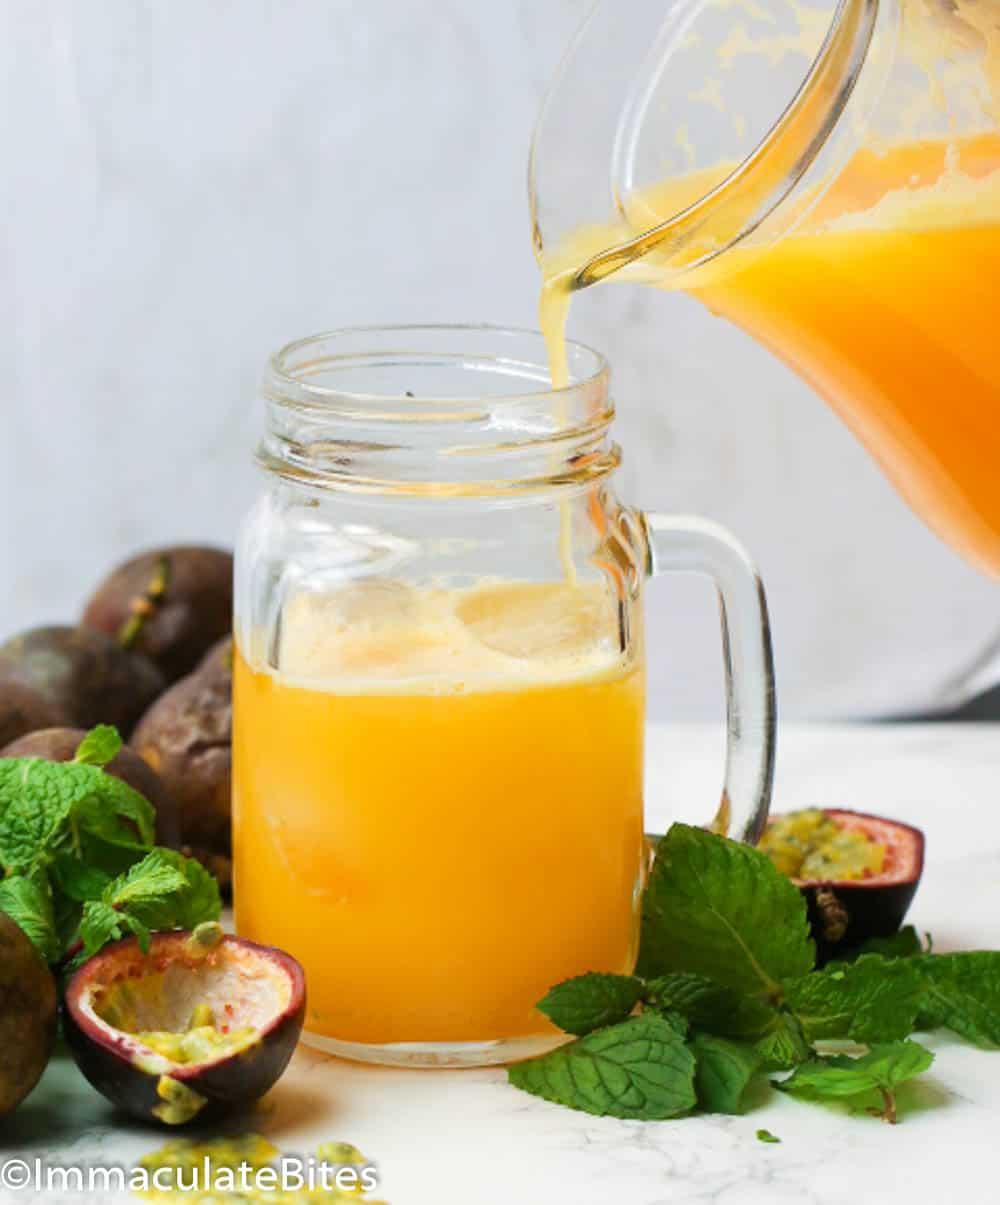 Pour Shot of Passion Fruit Juice Drink